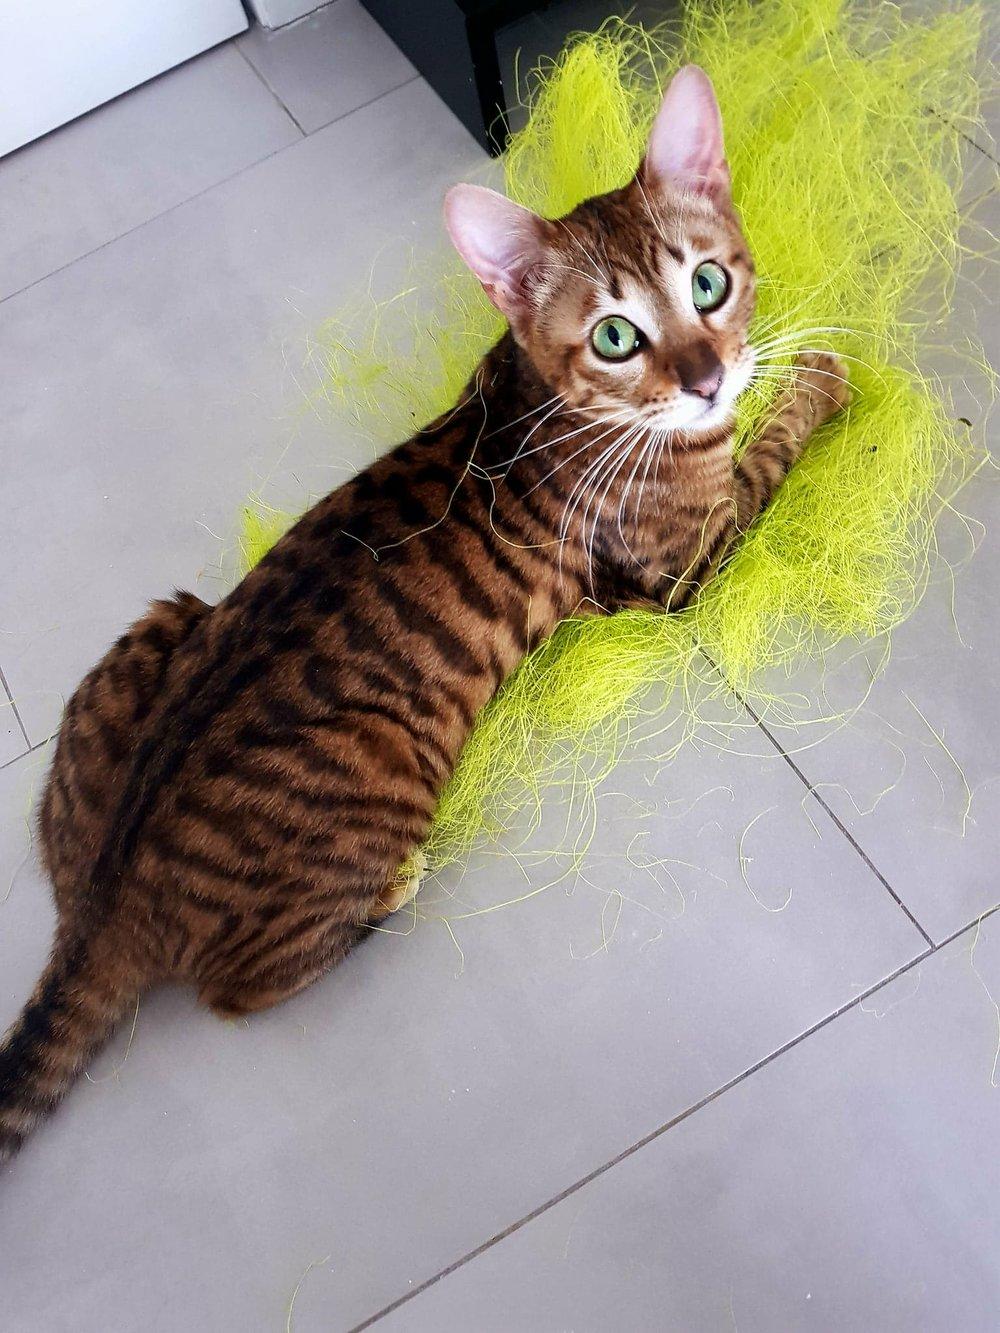 Le Toyger est un chat réputé pour être à la fois très actif, très intelligent et très affectueux. Il est aussi très docile et se dresse facilement. D'un bon tempérament, c'est un chat qui a aussi une très grande capacité d'adaptation et s'entend aussi bien avec les adultes, que les enfants ou d'autres animaux. C'est un chat bavard au miaulement particulier.Le Toyger a une bonne santé et ne pose pas de problèmes particuliers. Mais sa récente apparition comme race ne permet pas encore d'avoir assez de recul pour détecter des maladie QUI POURRAIENT LE TOUCHER. -